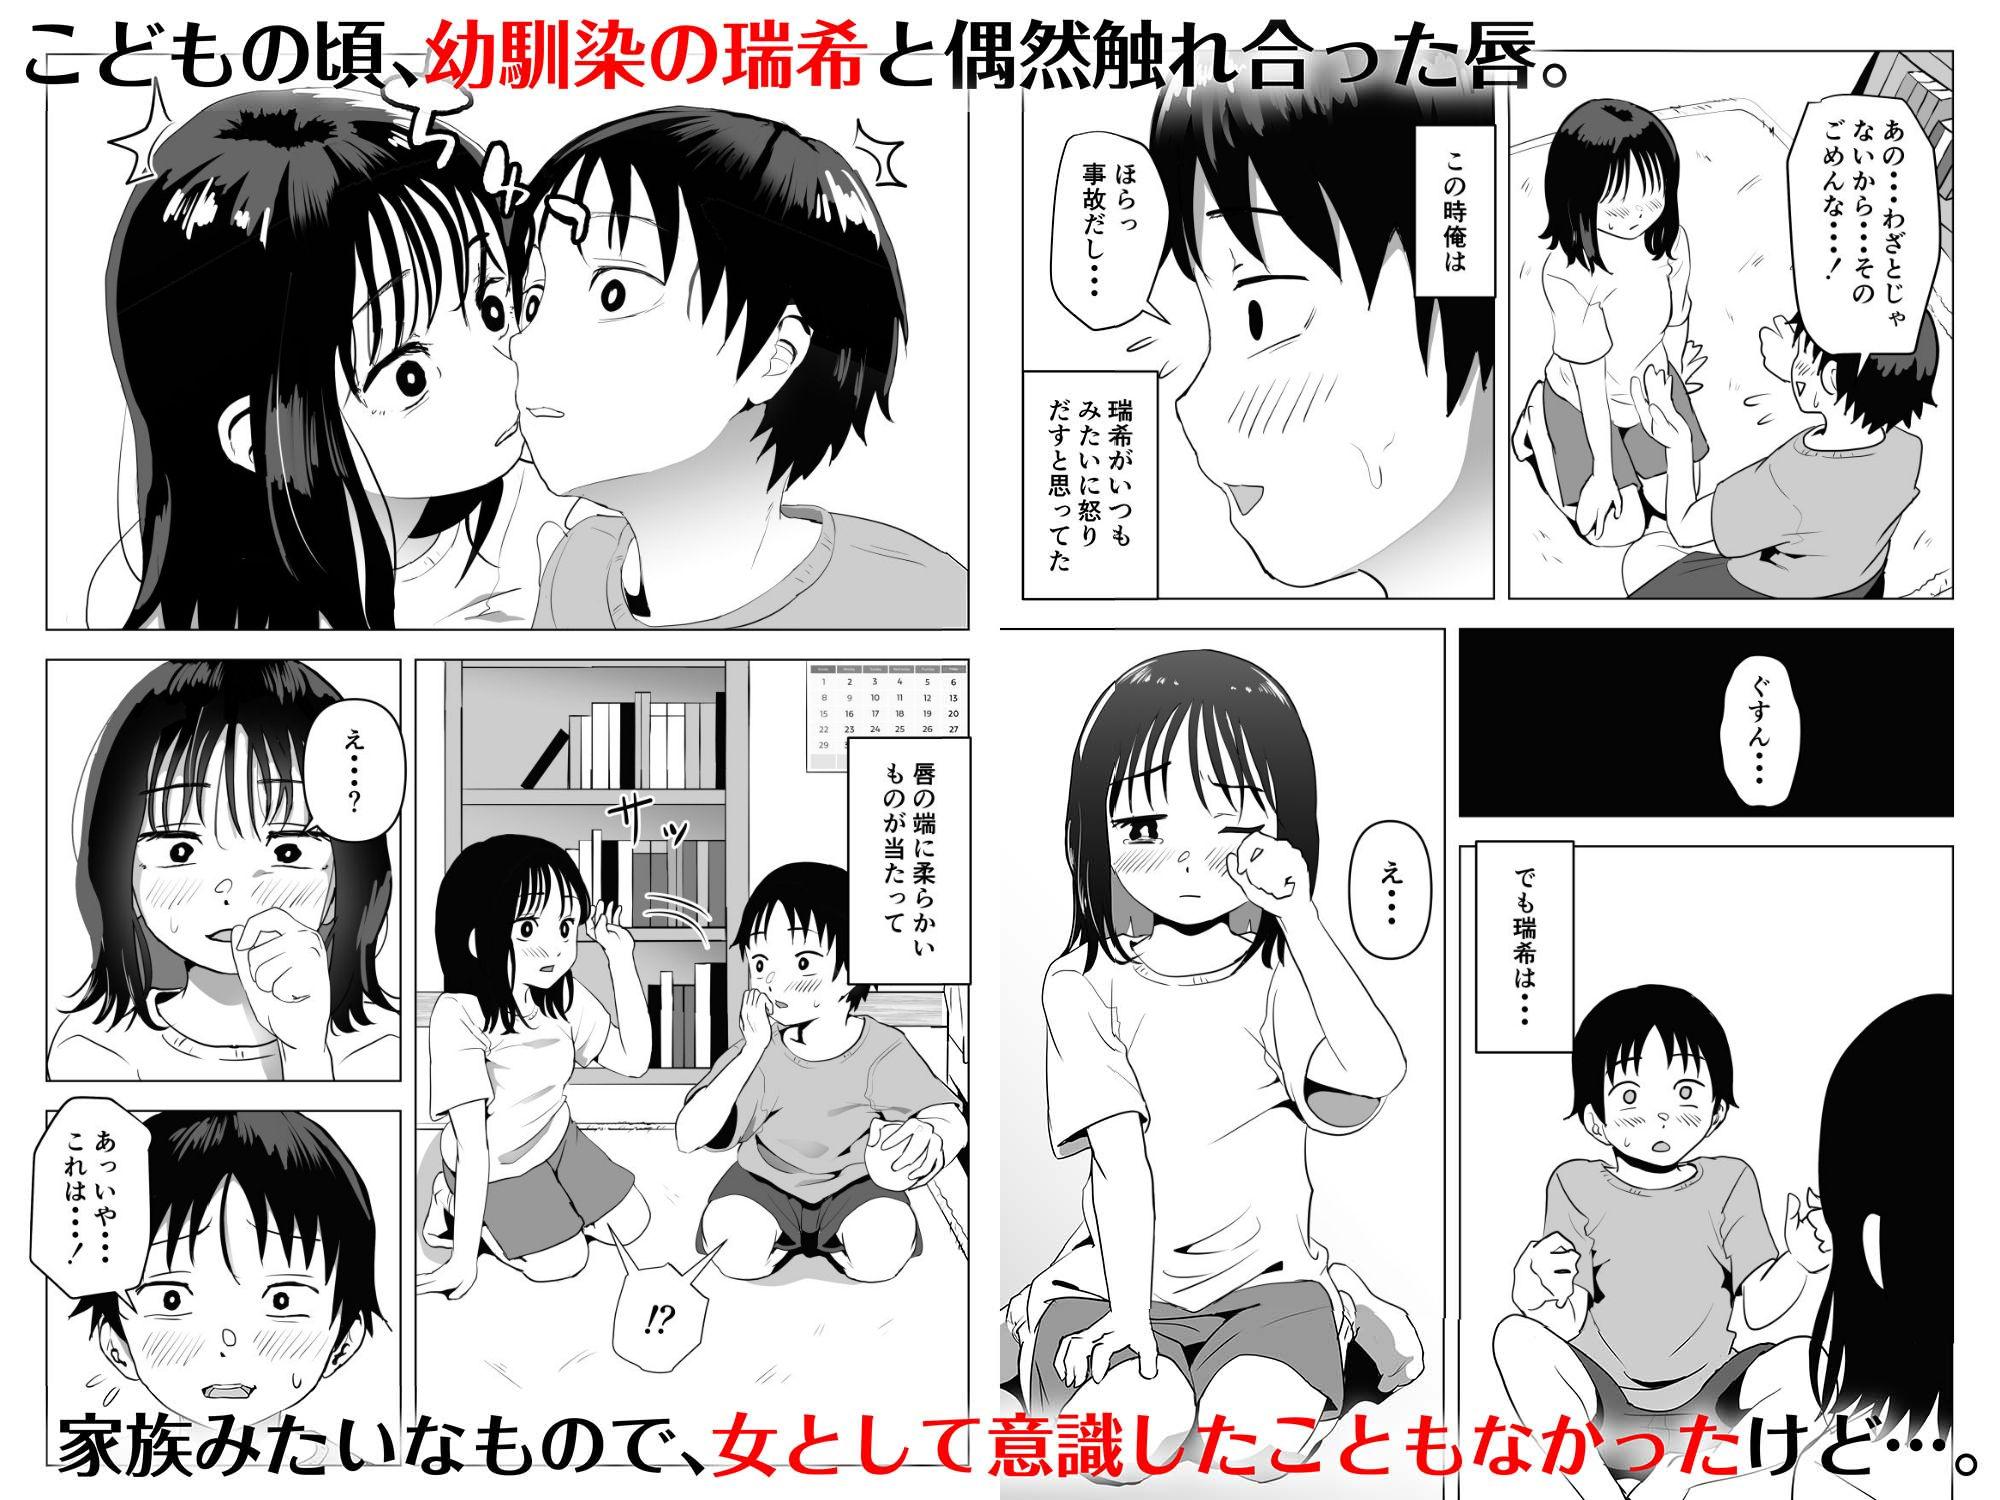 【エロ漫画】俺の巨乳幼馴染が兄貴と最近怪しい関係で‥「サークル:もちち丸」【同人誌・コミック】#1